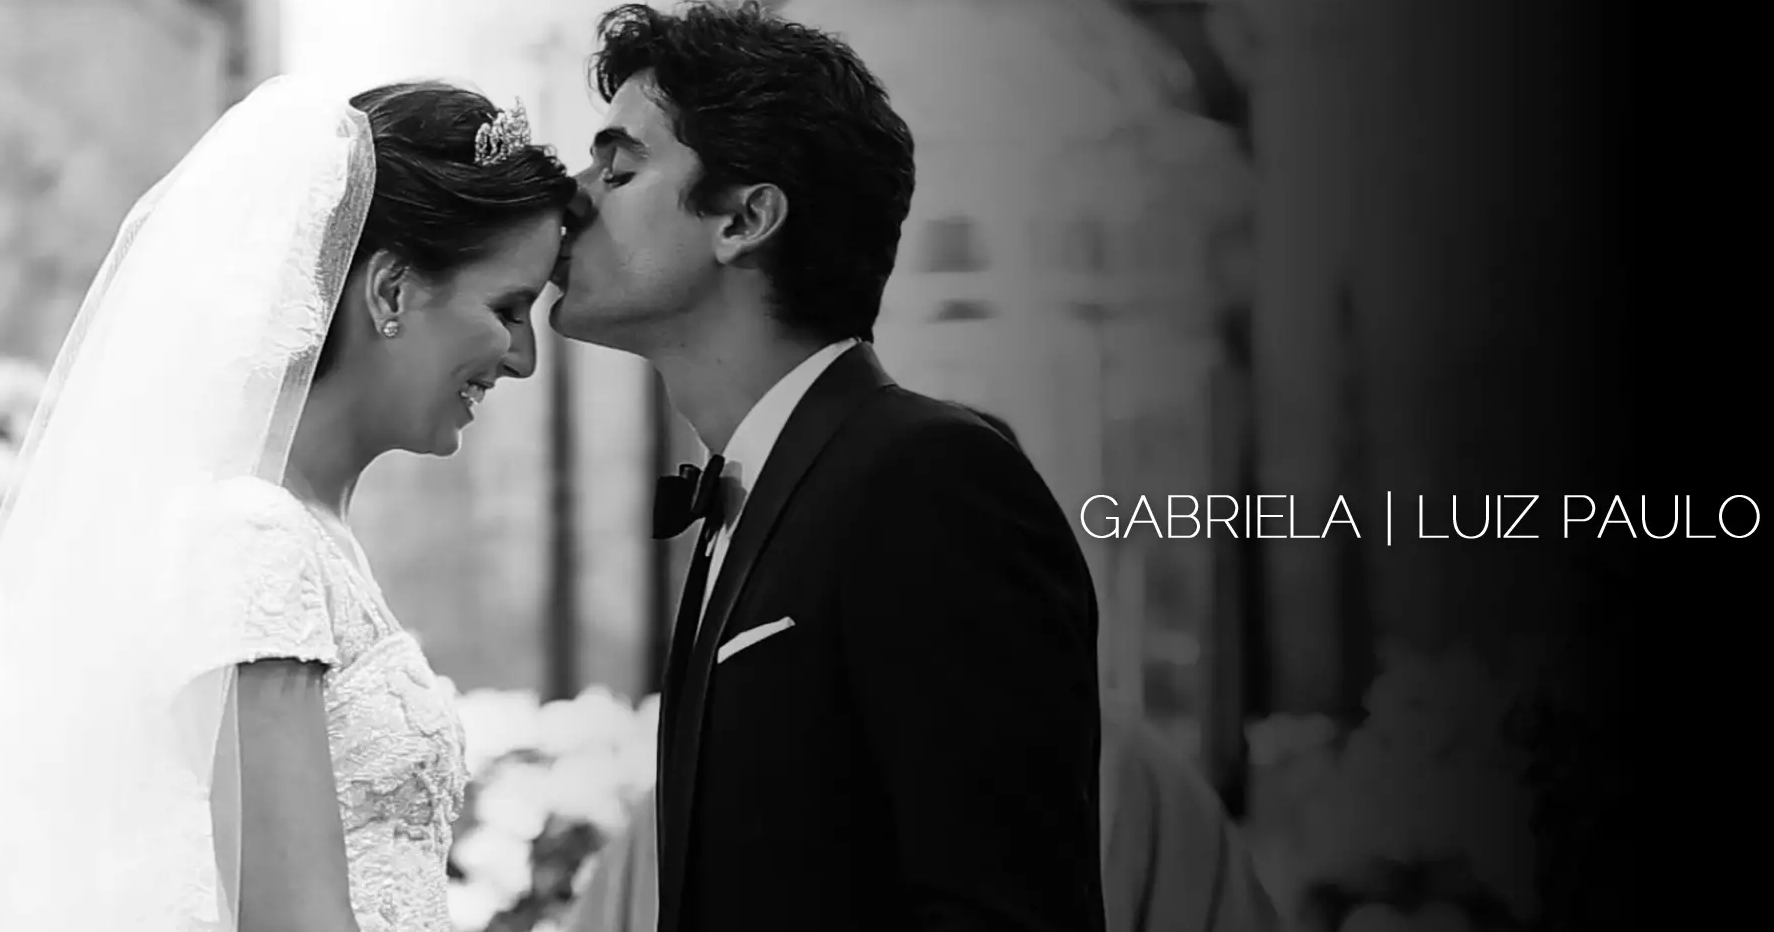 Gabriella e Luiz Paulo